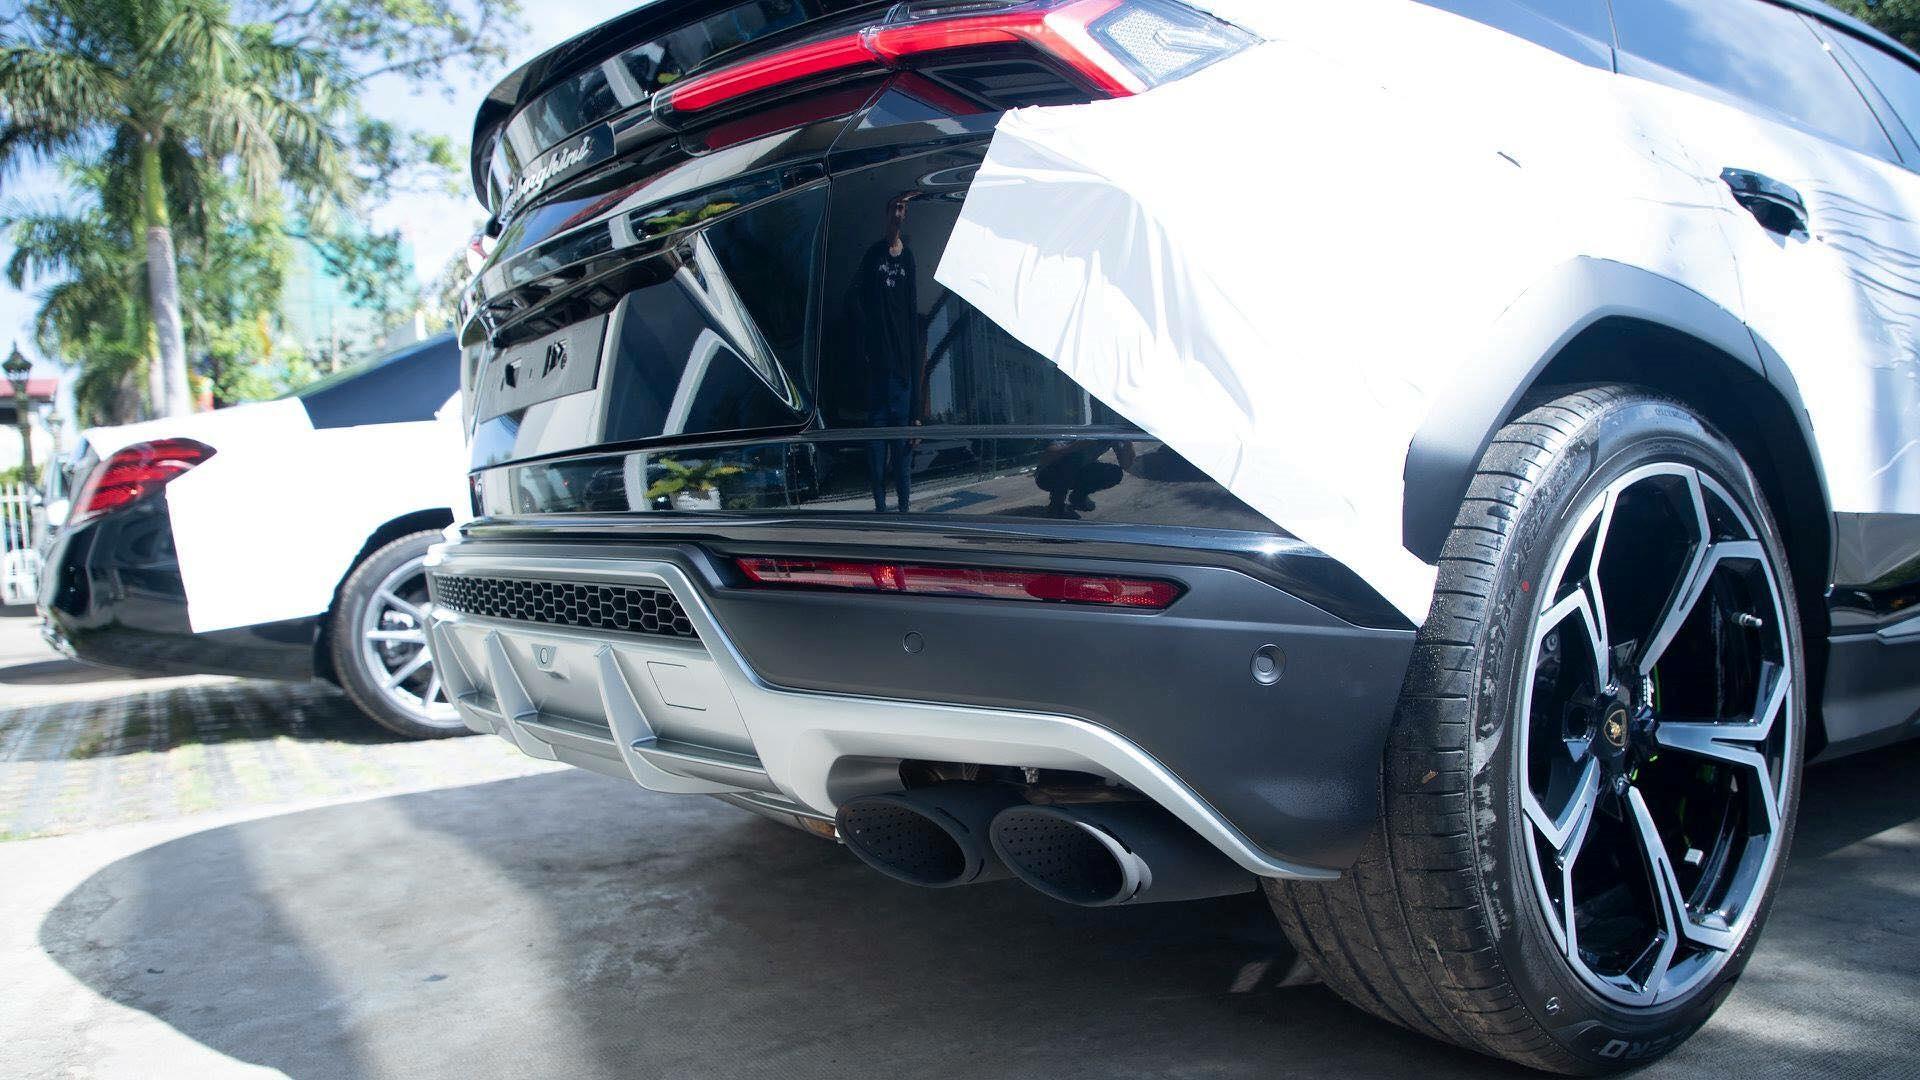 Cận cảnh 'siêu SUV' Lamborghini Urus thứ ba đặt chân đến Campuchia Ảnh 5